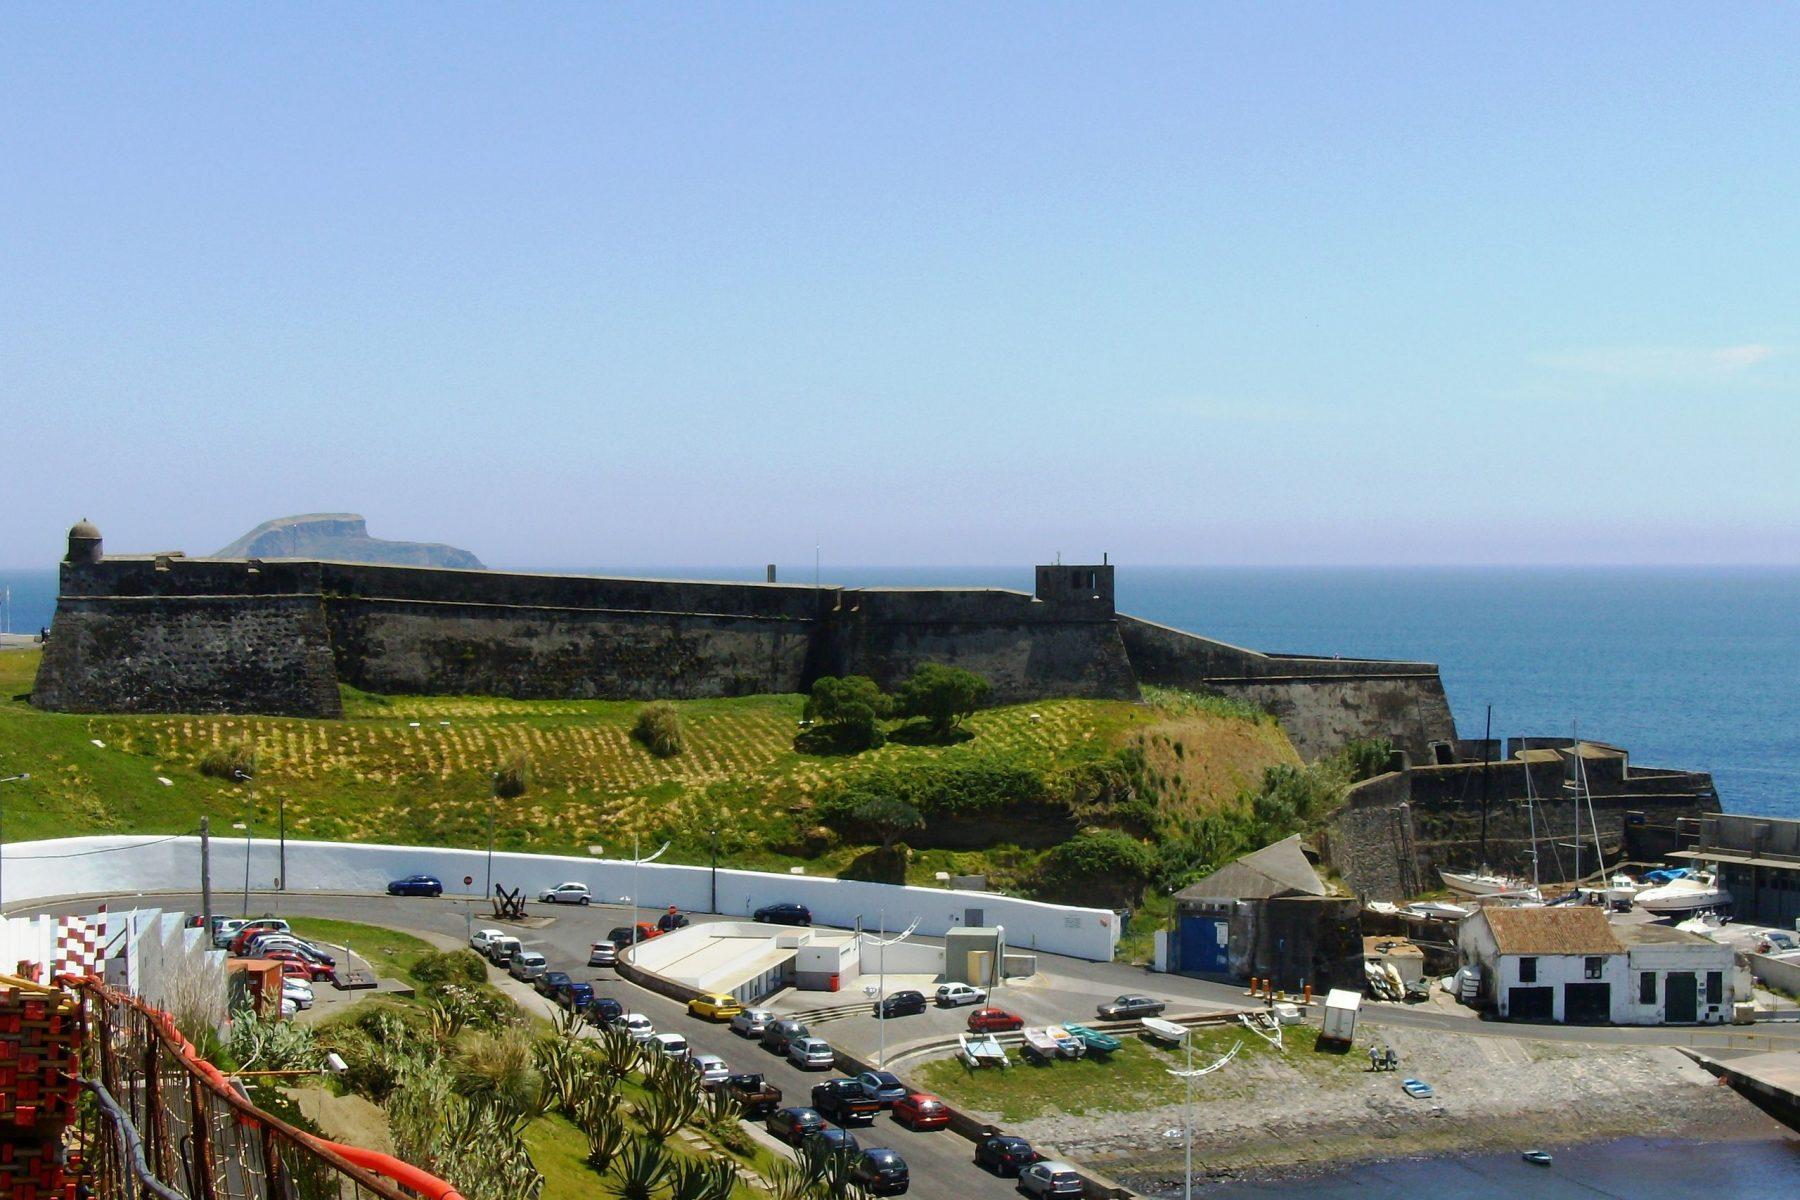 Forte de São Brás - Angra do Heroísmo - Terceira, Açores